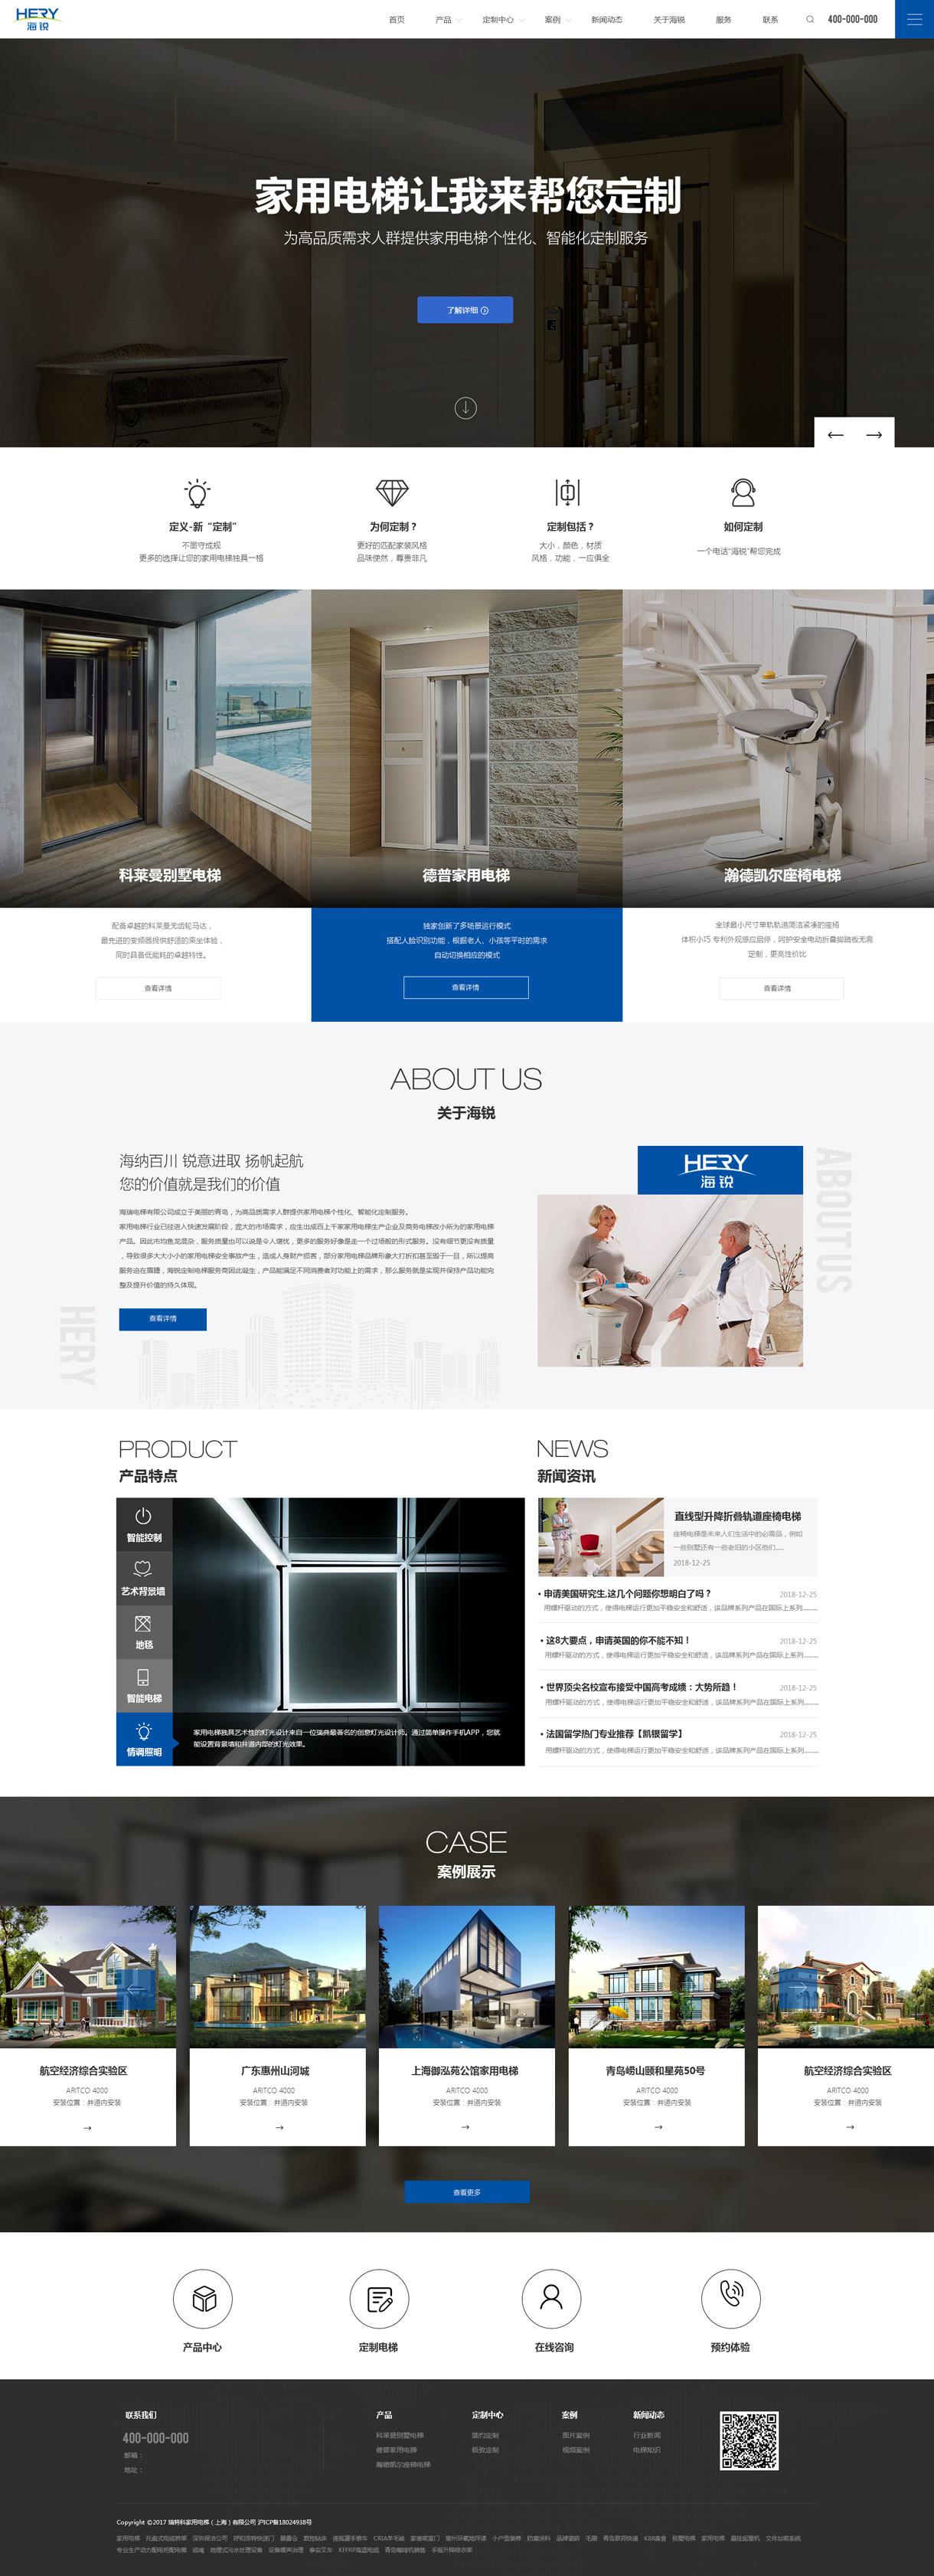 网站建设,SEO优化排名